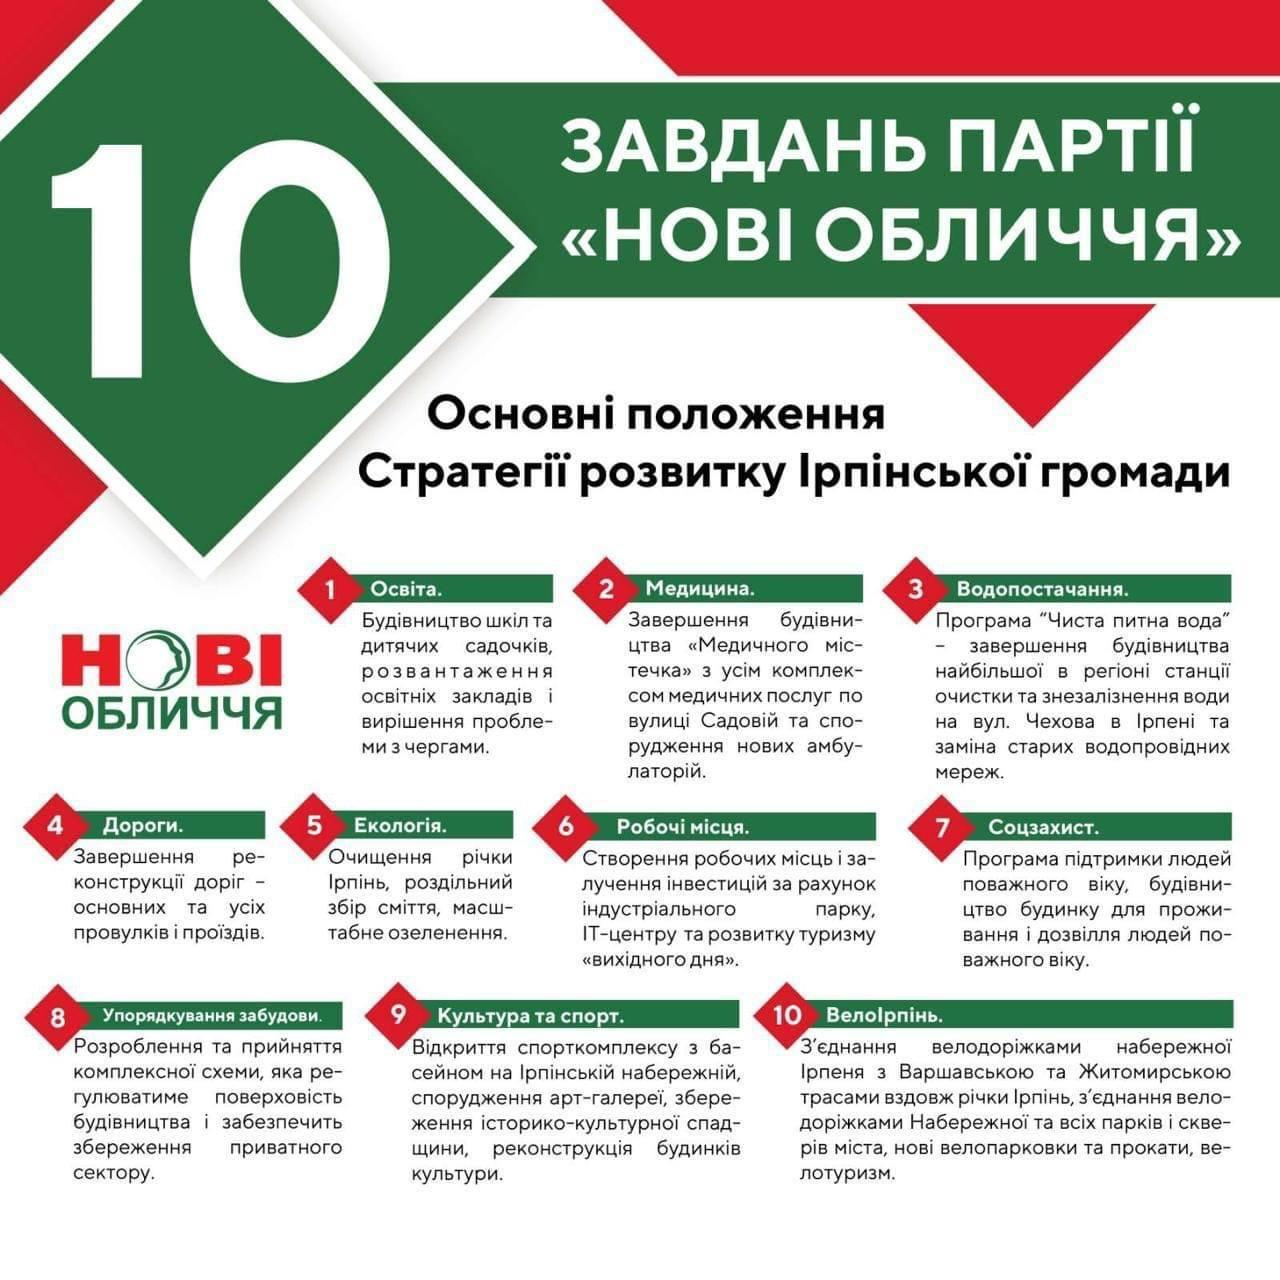 Олександр Маркушин: рік при владі в Ірпені – депутатські обіцянки та реалії